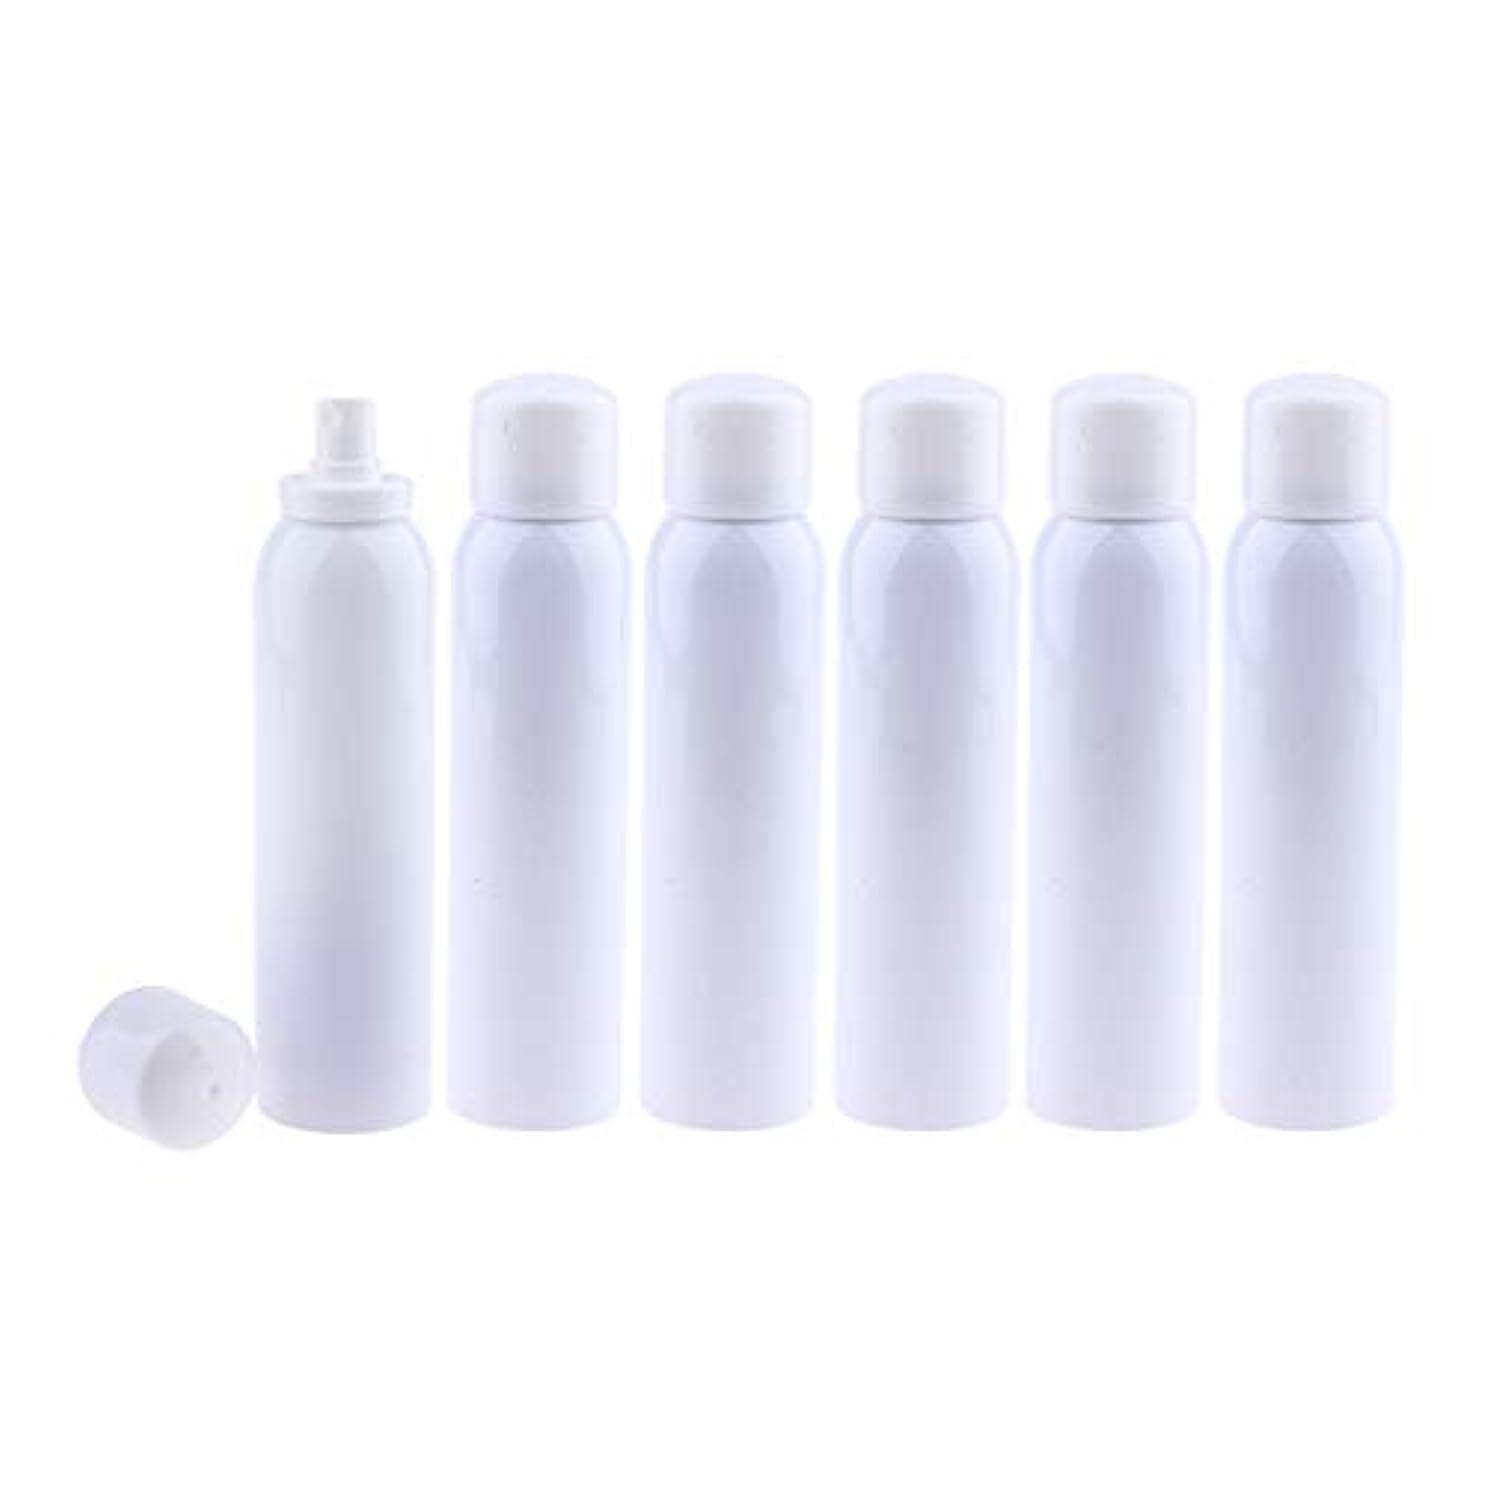 エアコン衣装不適F Fityle 6本 メイクアップボトル 香水ボトル 細かいミスト ポンプスプレーボトル 3サイズ選べ - 200ml